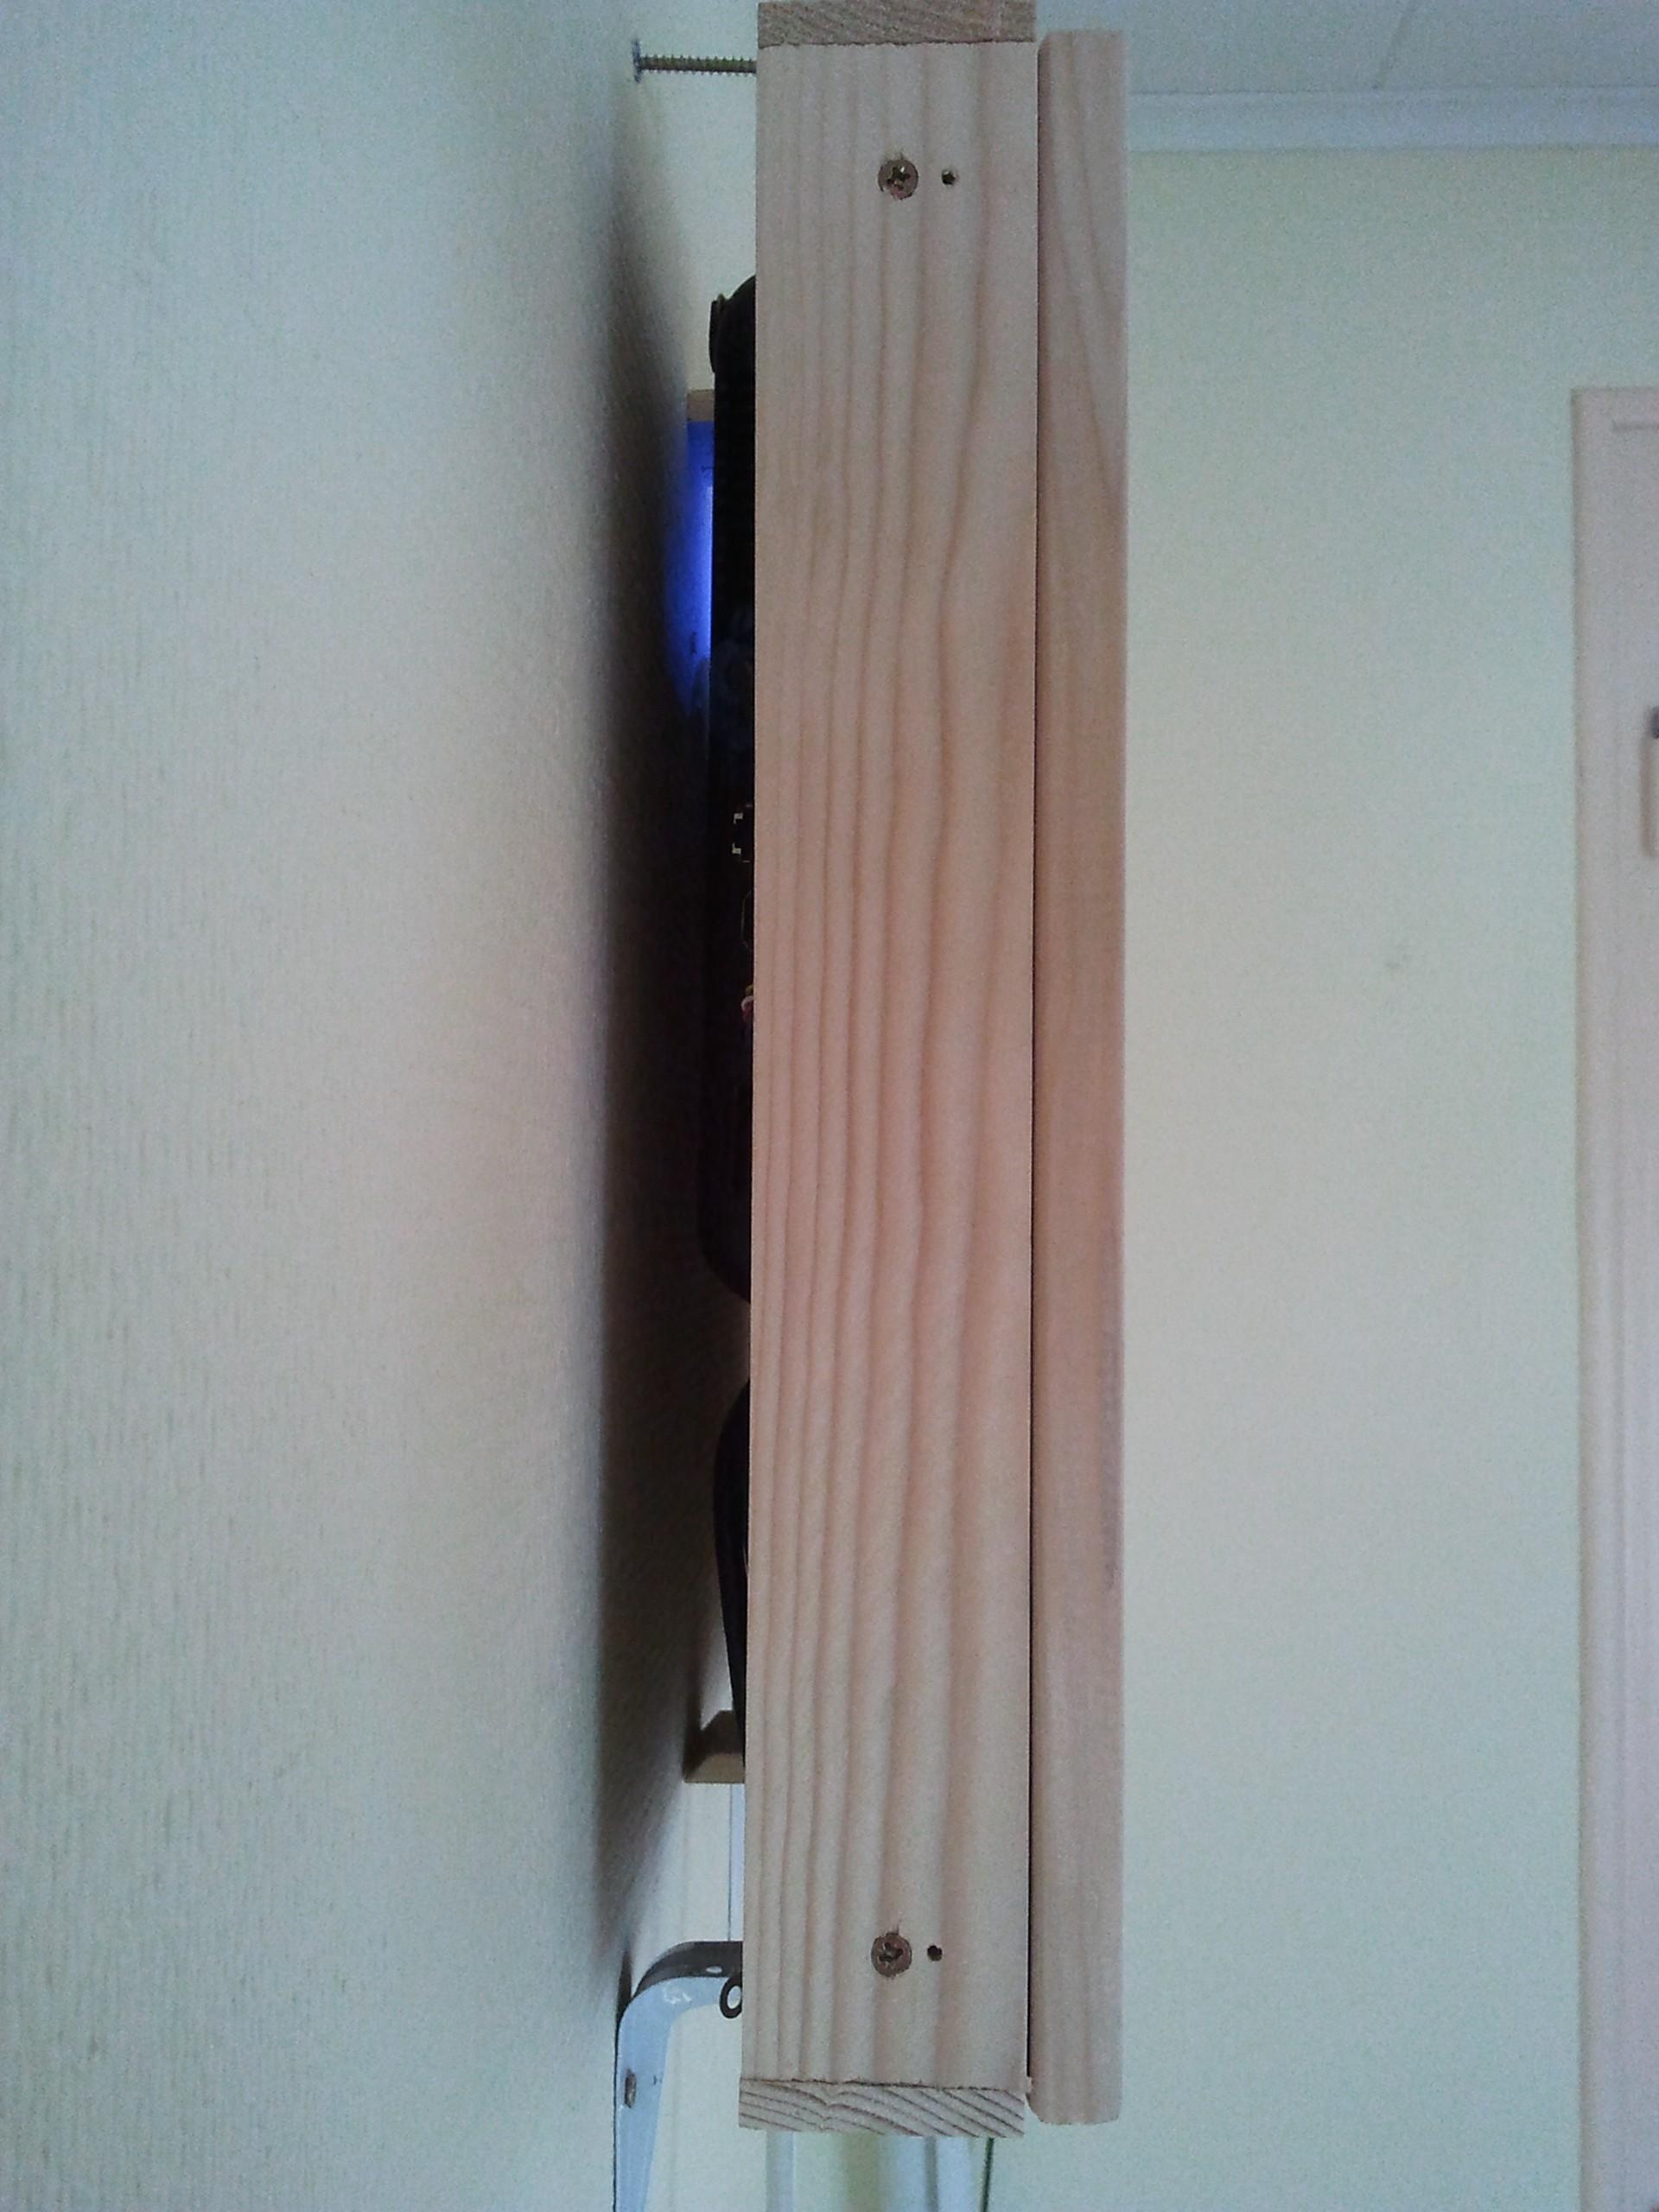 miroir sans cadre miroir ovale biseaut en verre sans cadre avec taquet with miroir sans cadre. Black Bedroom Furniture Sets. Home Design Ideas